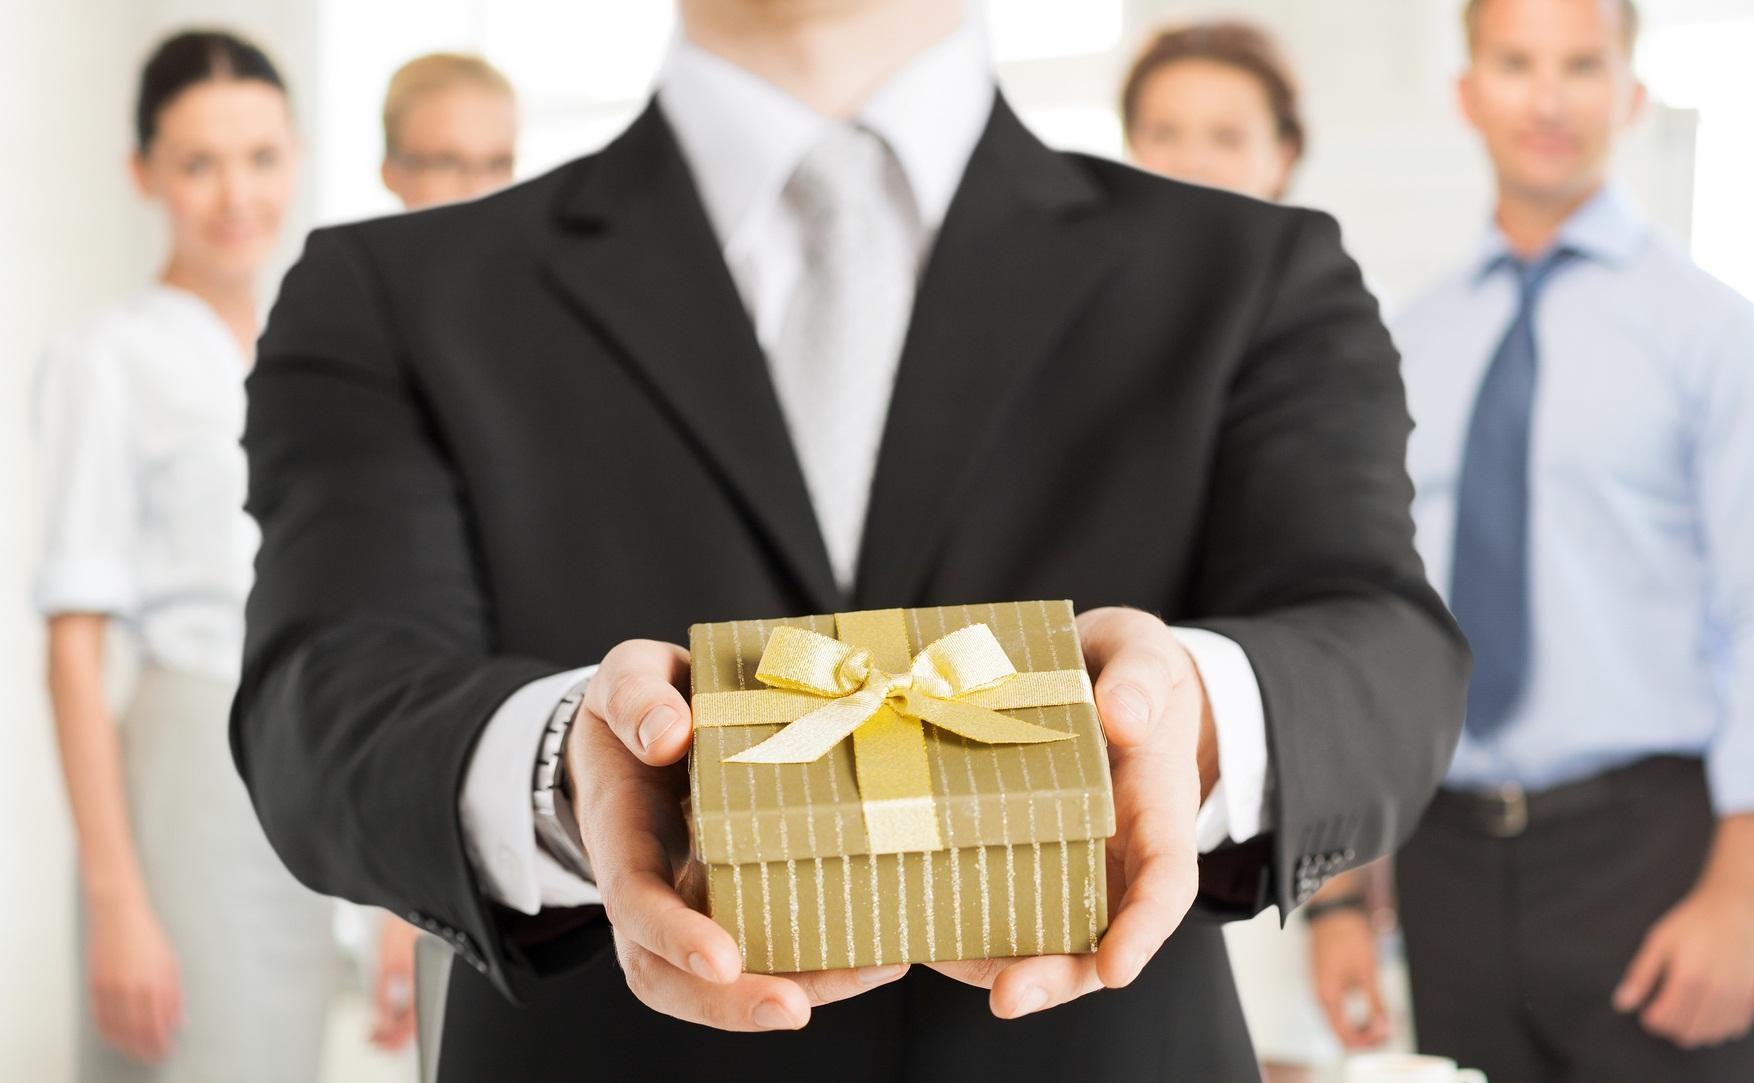 Романтические и экстремальные подарки. Podarok